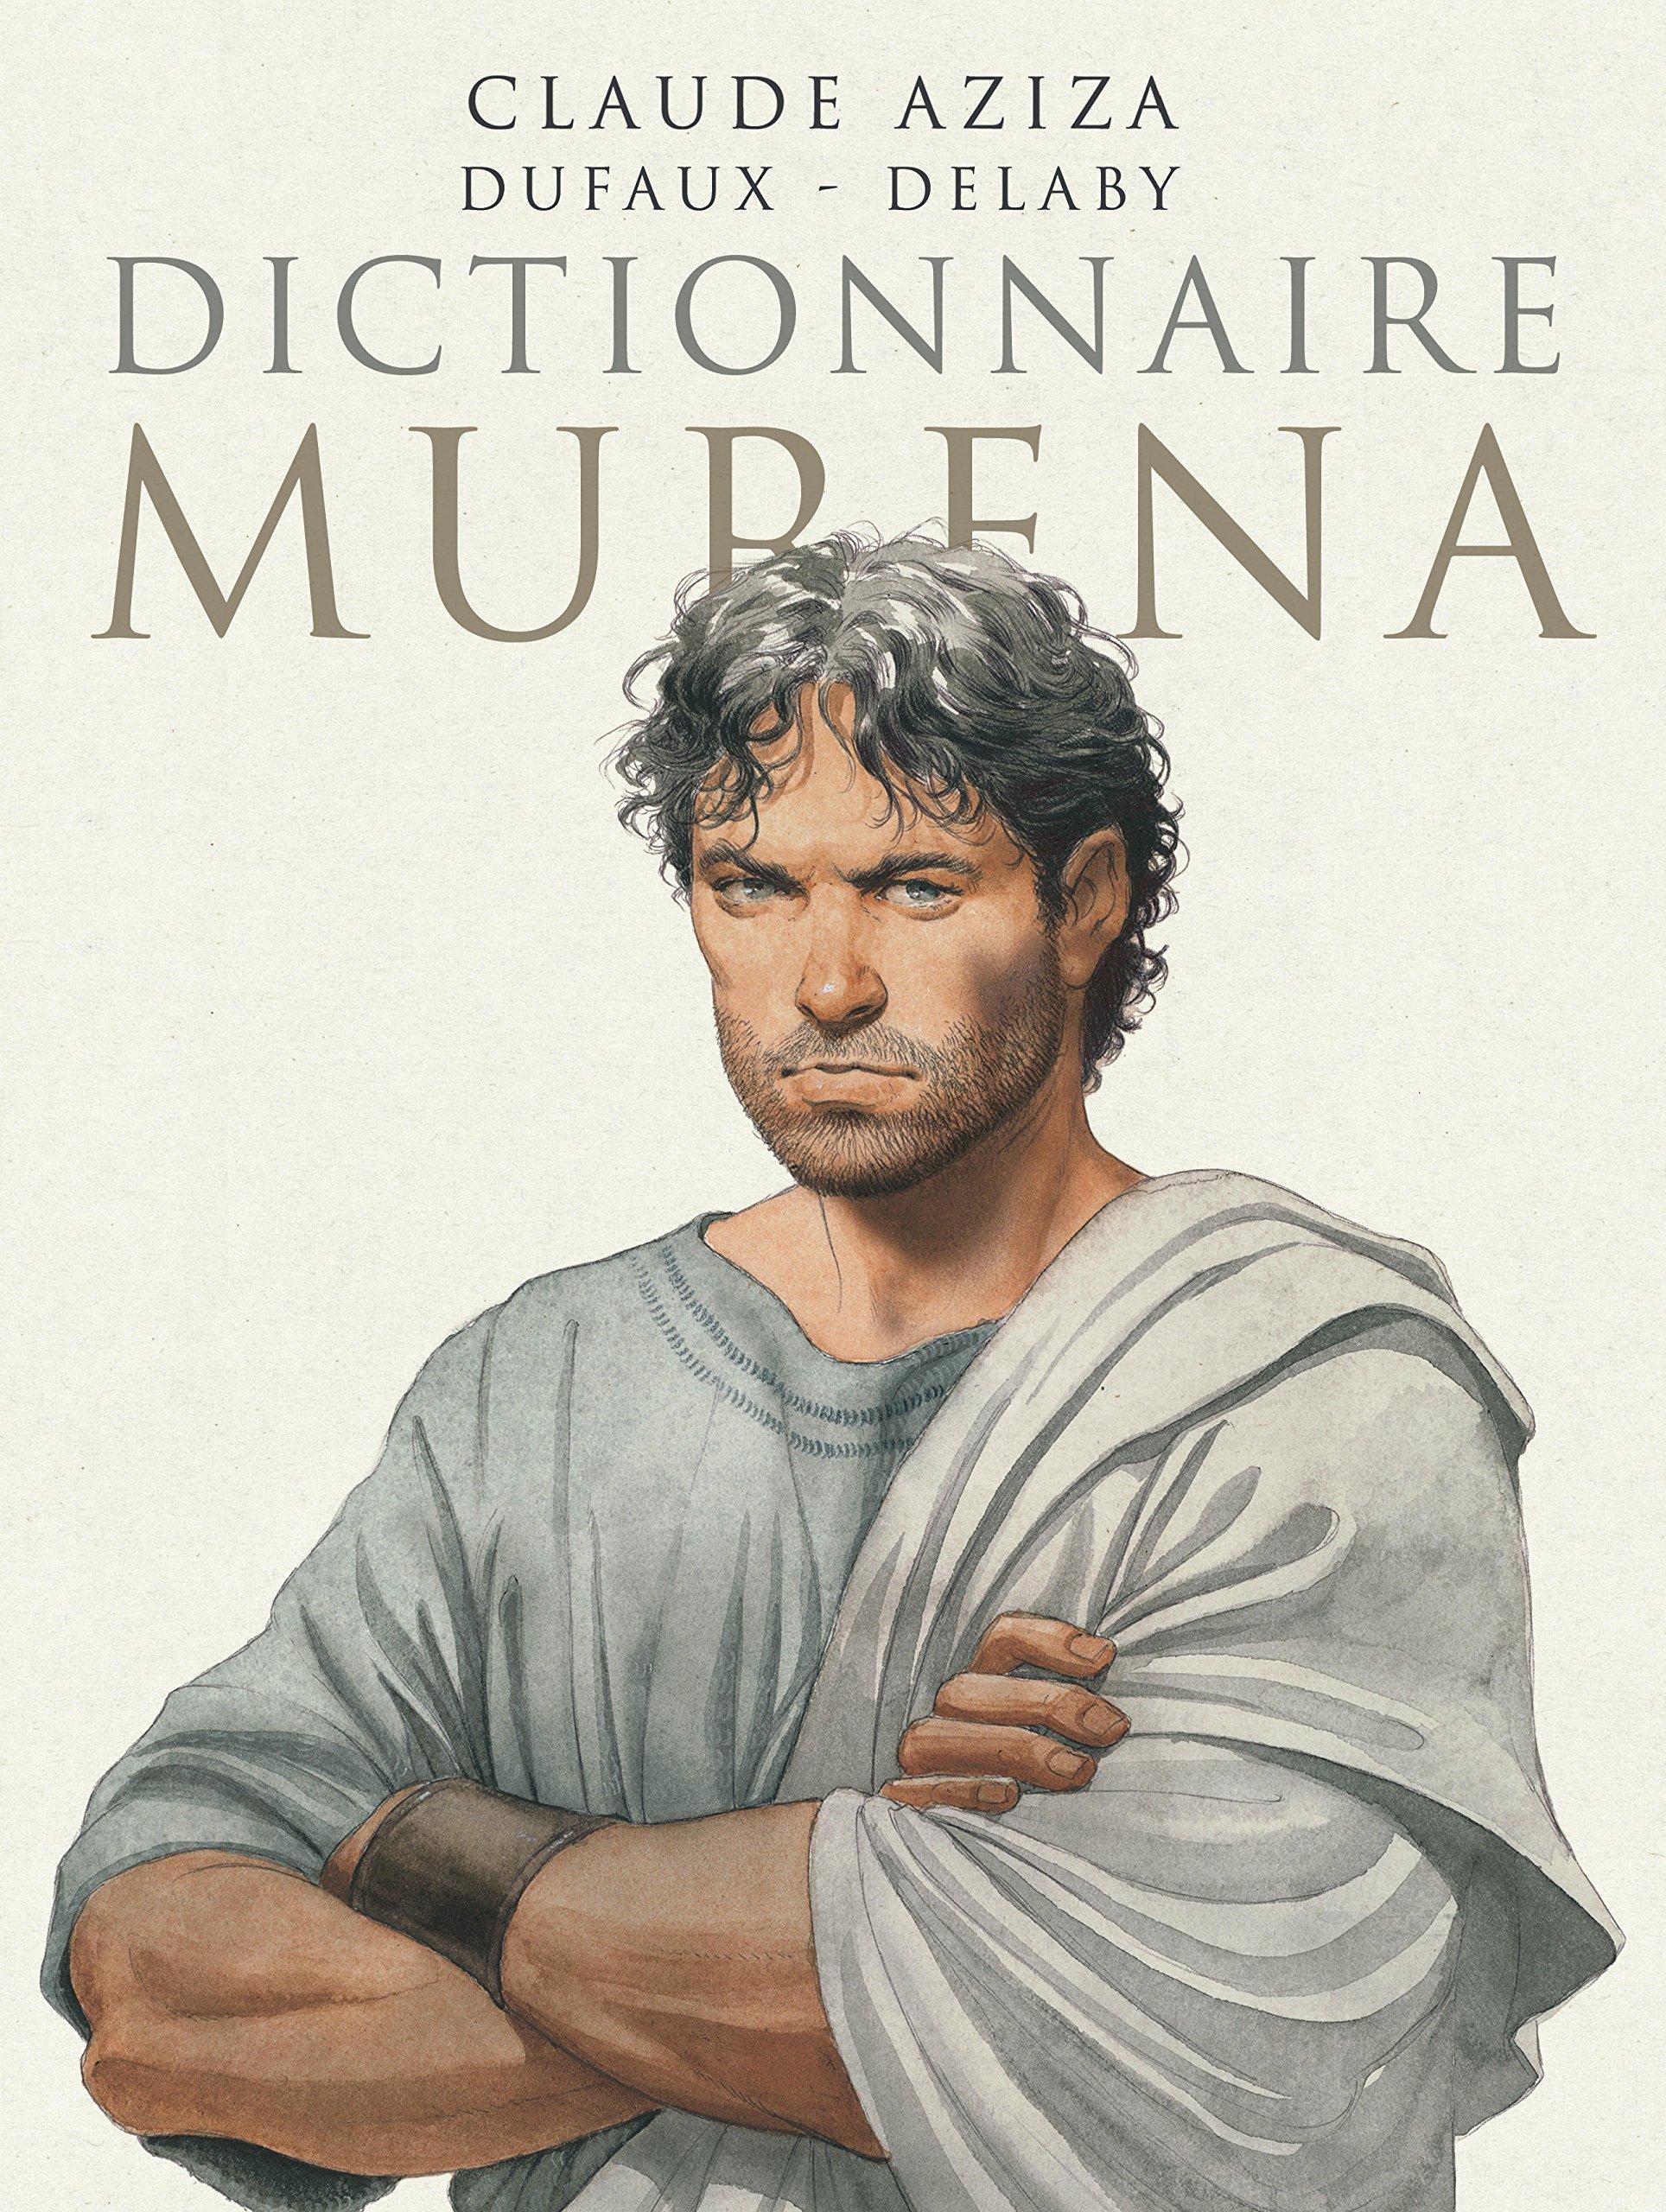 Murena 1 - Dictionnaire Murena